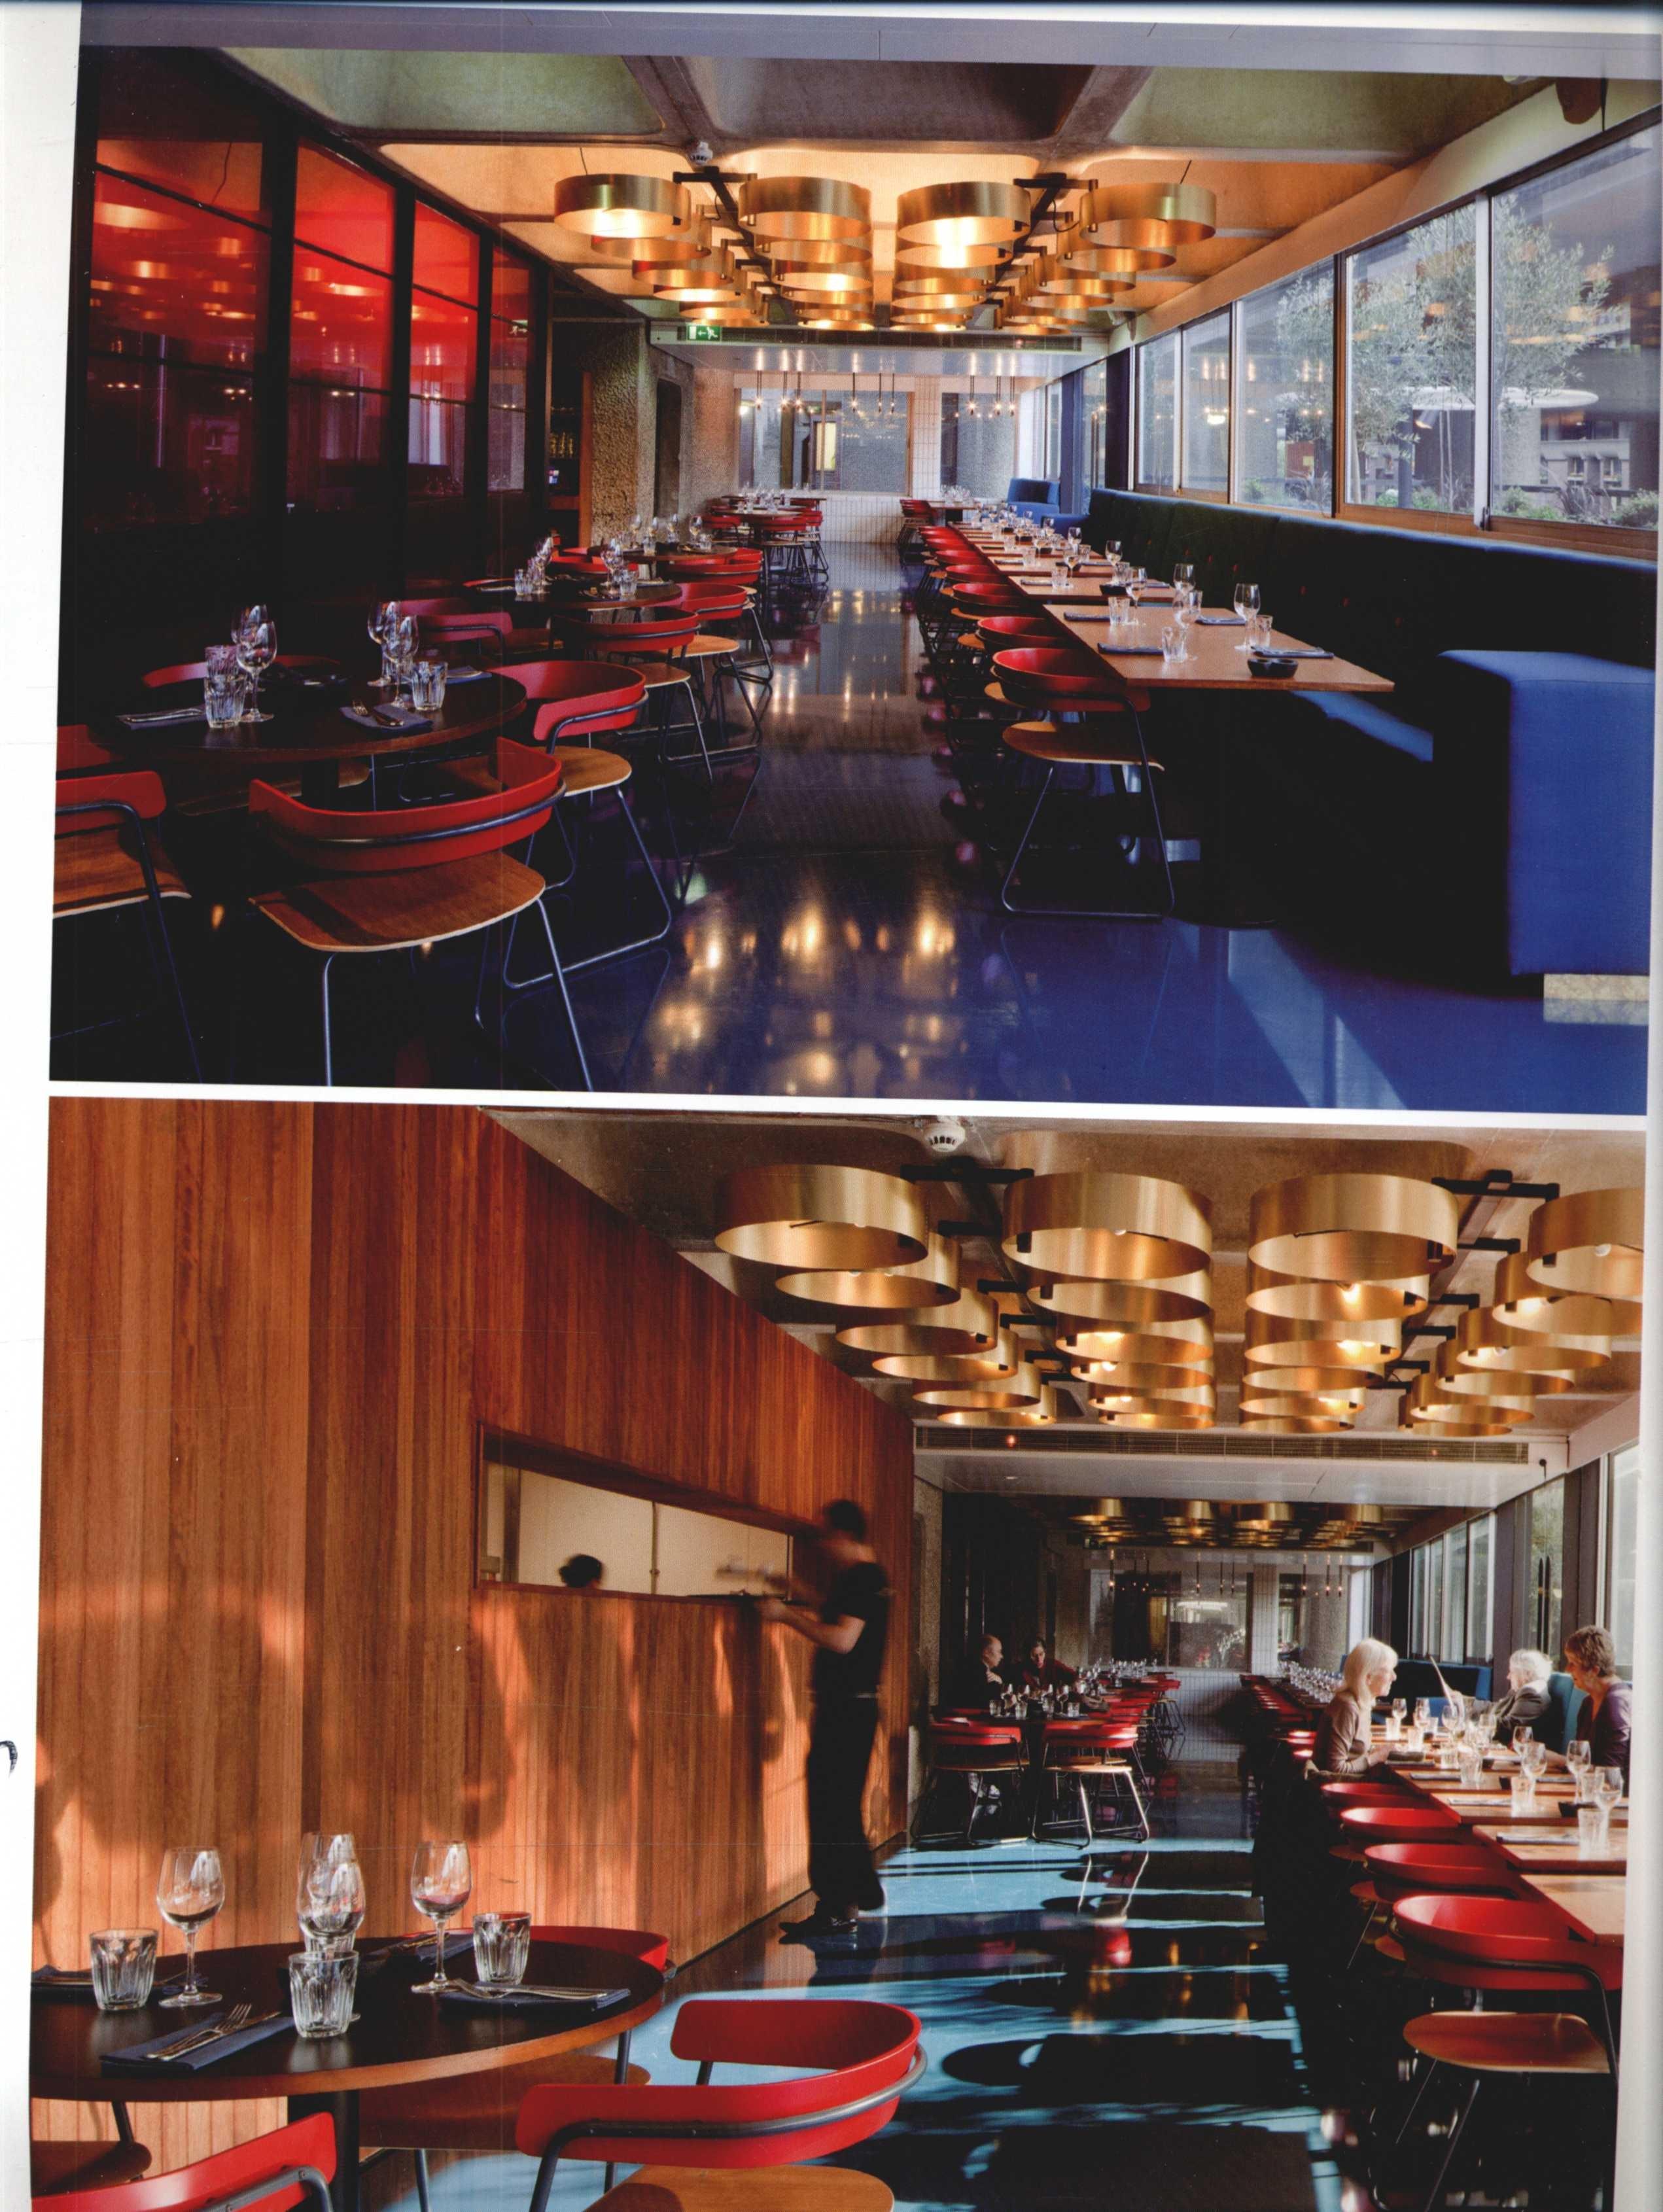 2012全球室内设计年鉴  餐饮_Page_019.jpg